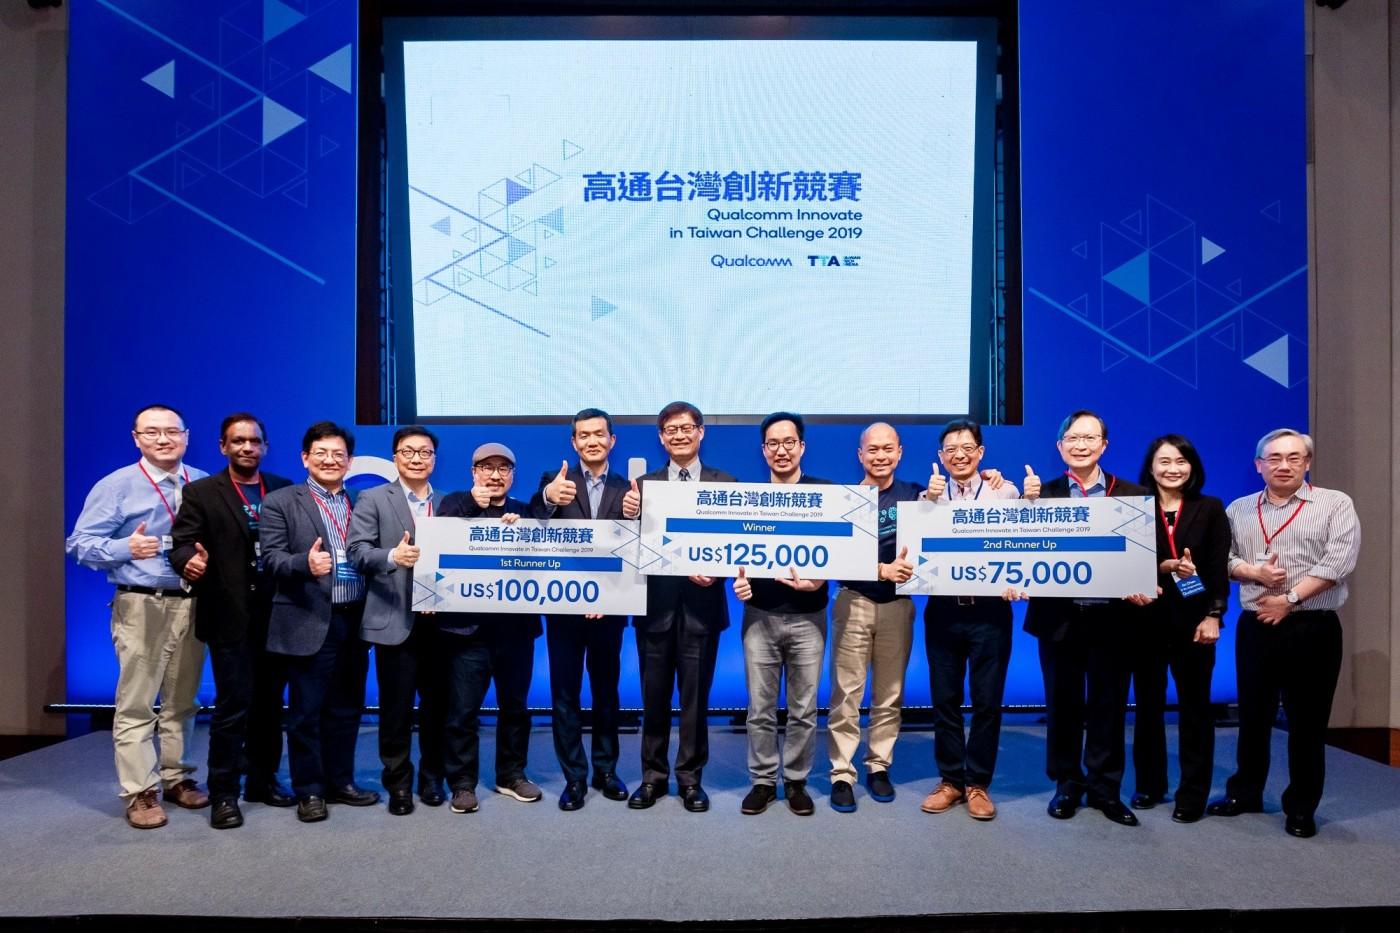 第二屆「高通台灣創新競賽」起跑 攜手Techstars 致力加速台灣新創生態系成長